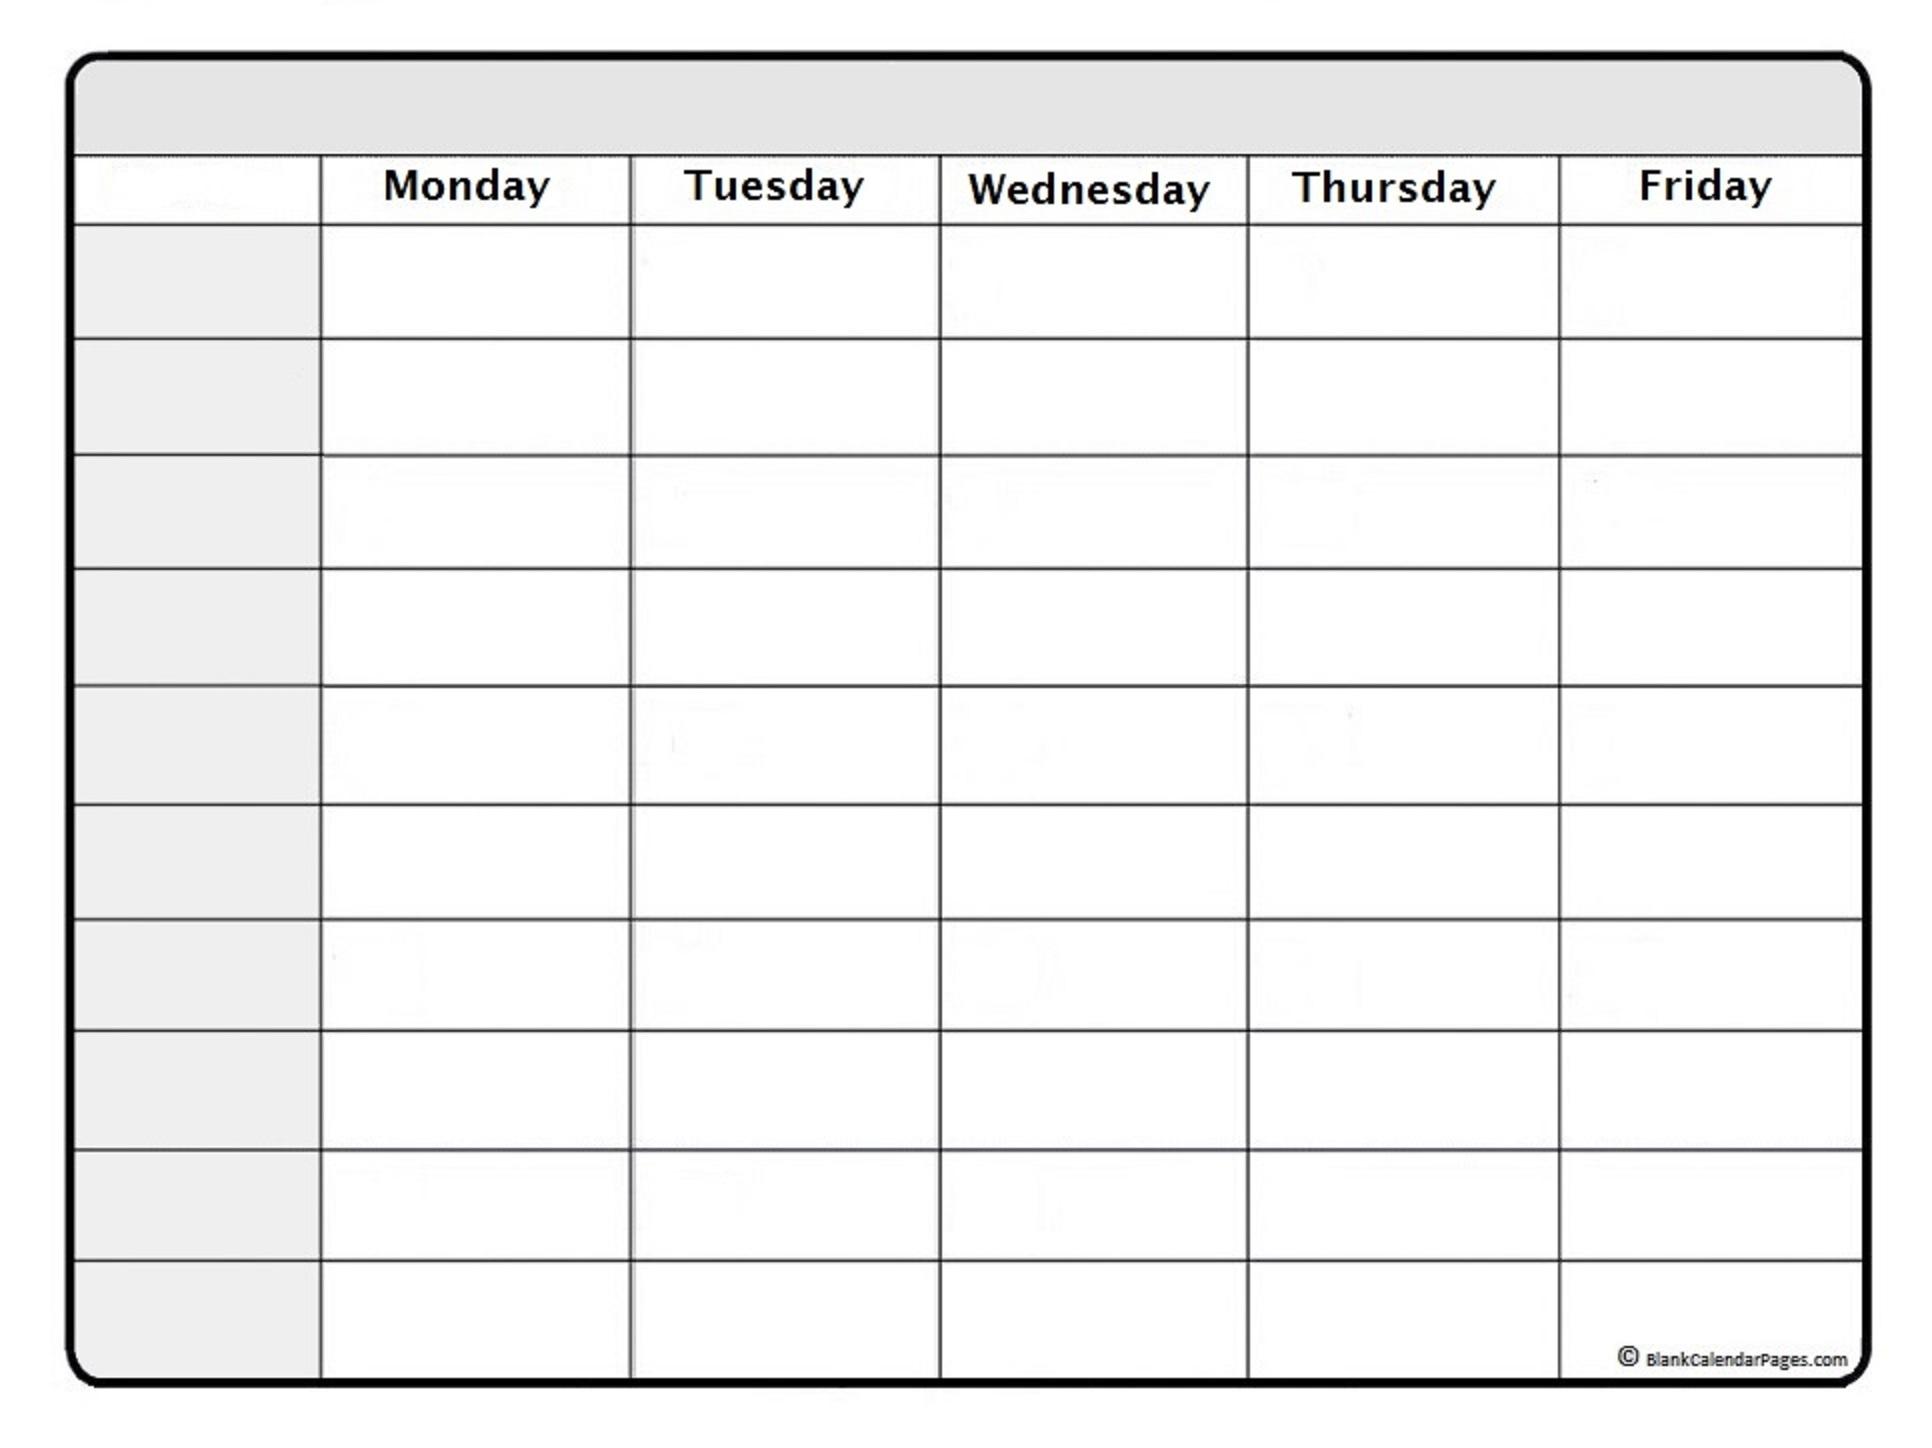 December 2020 Weekly Calendar | December 2020 Weekly